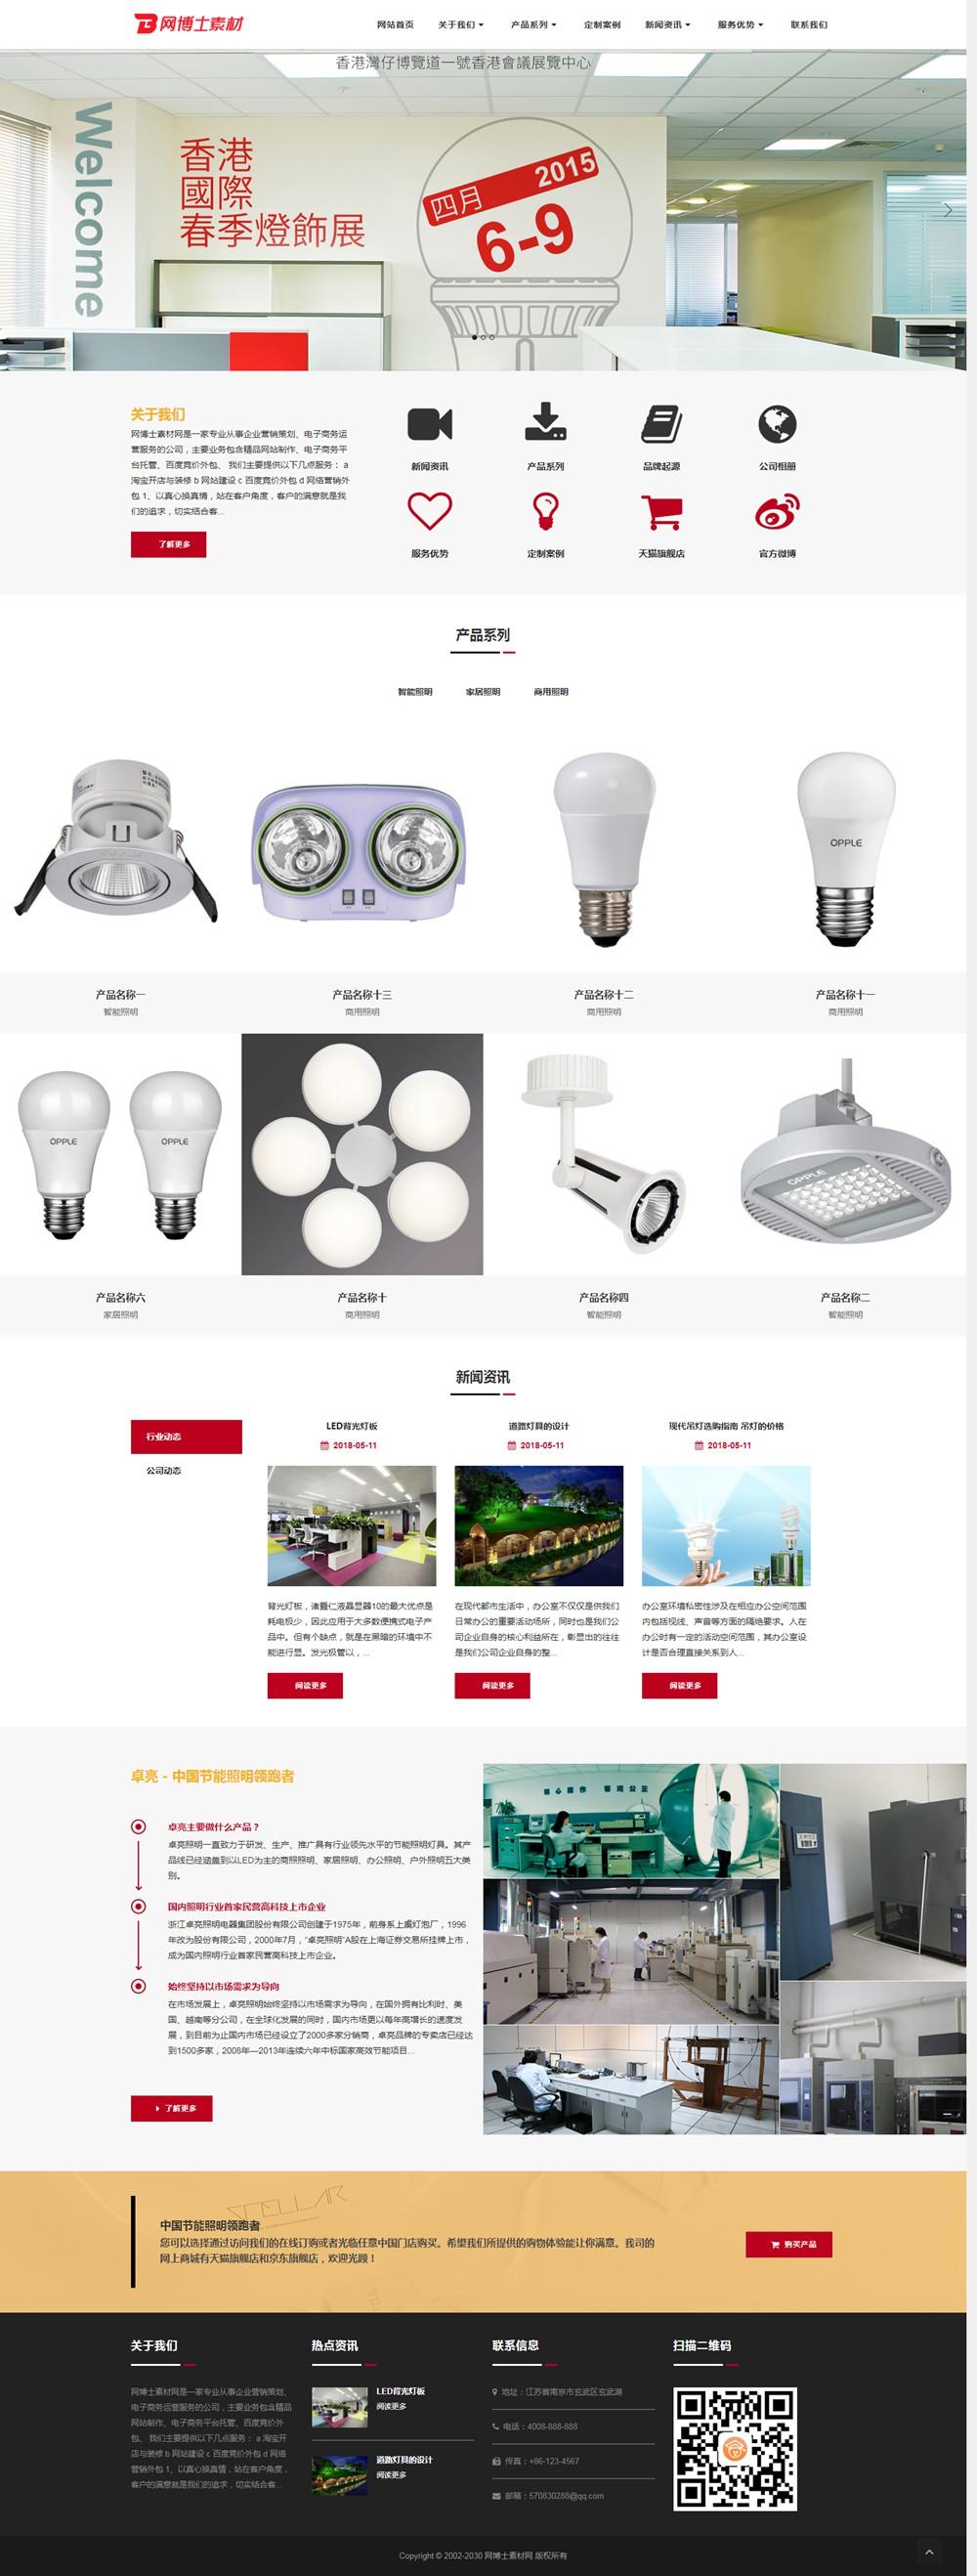 (自适应手机版)响应式照明灯饰电器类网站织梦模板 HTML5智能LED照明灯具类网站